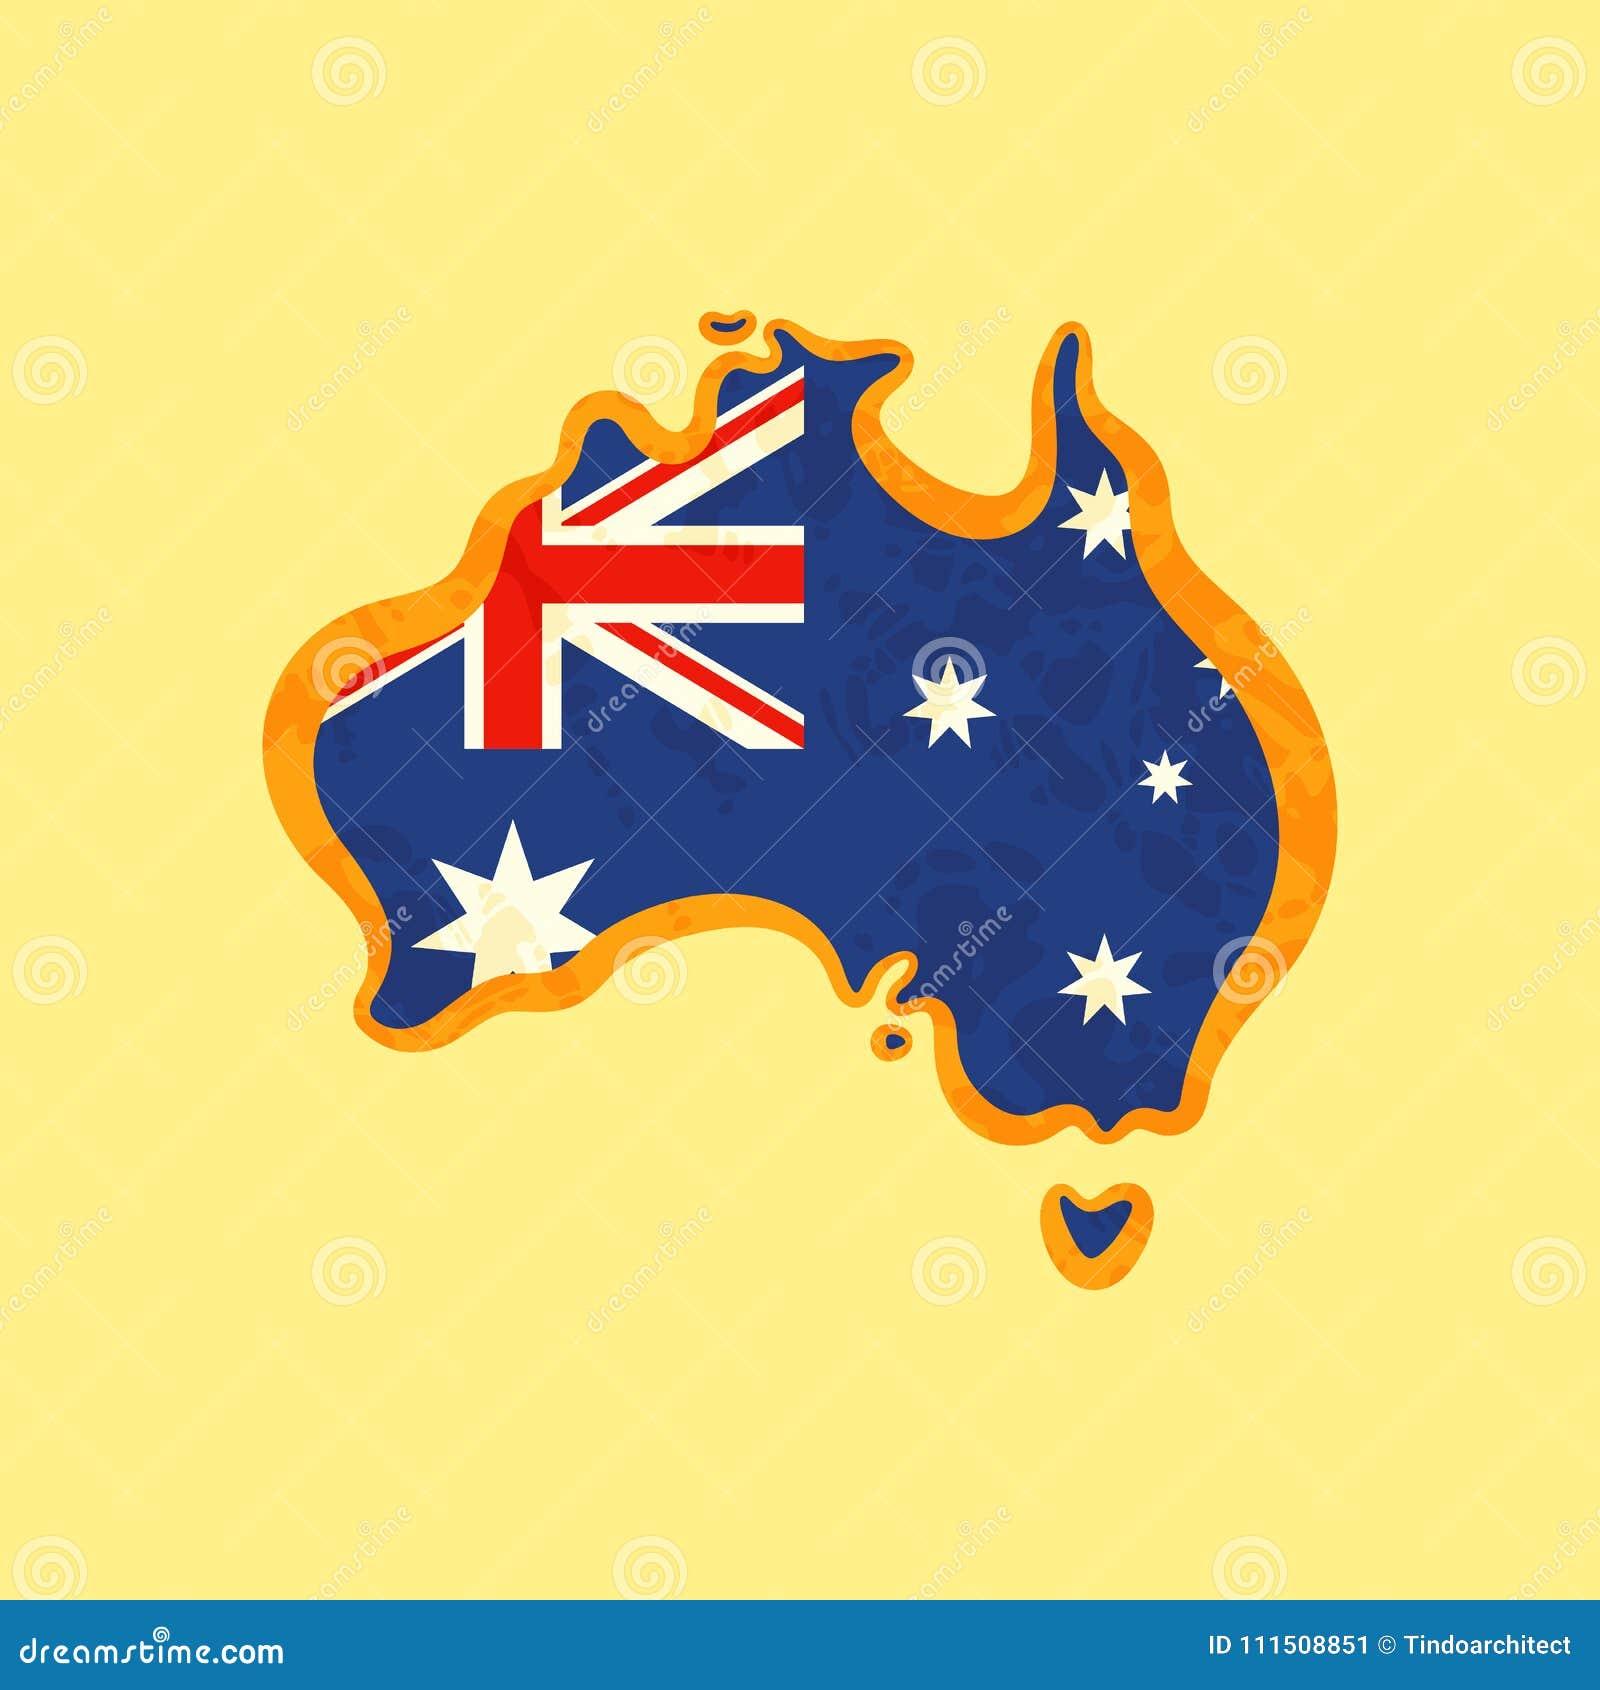 Αυστραλία στους τομείς της επιστήμης.